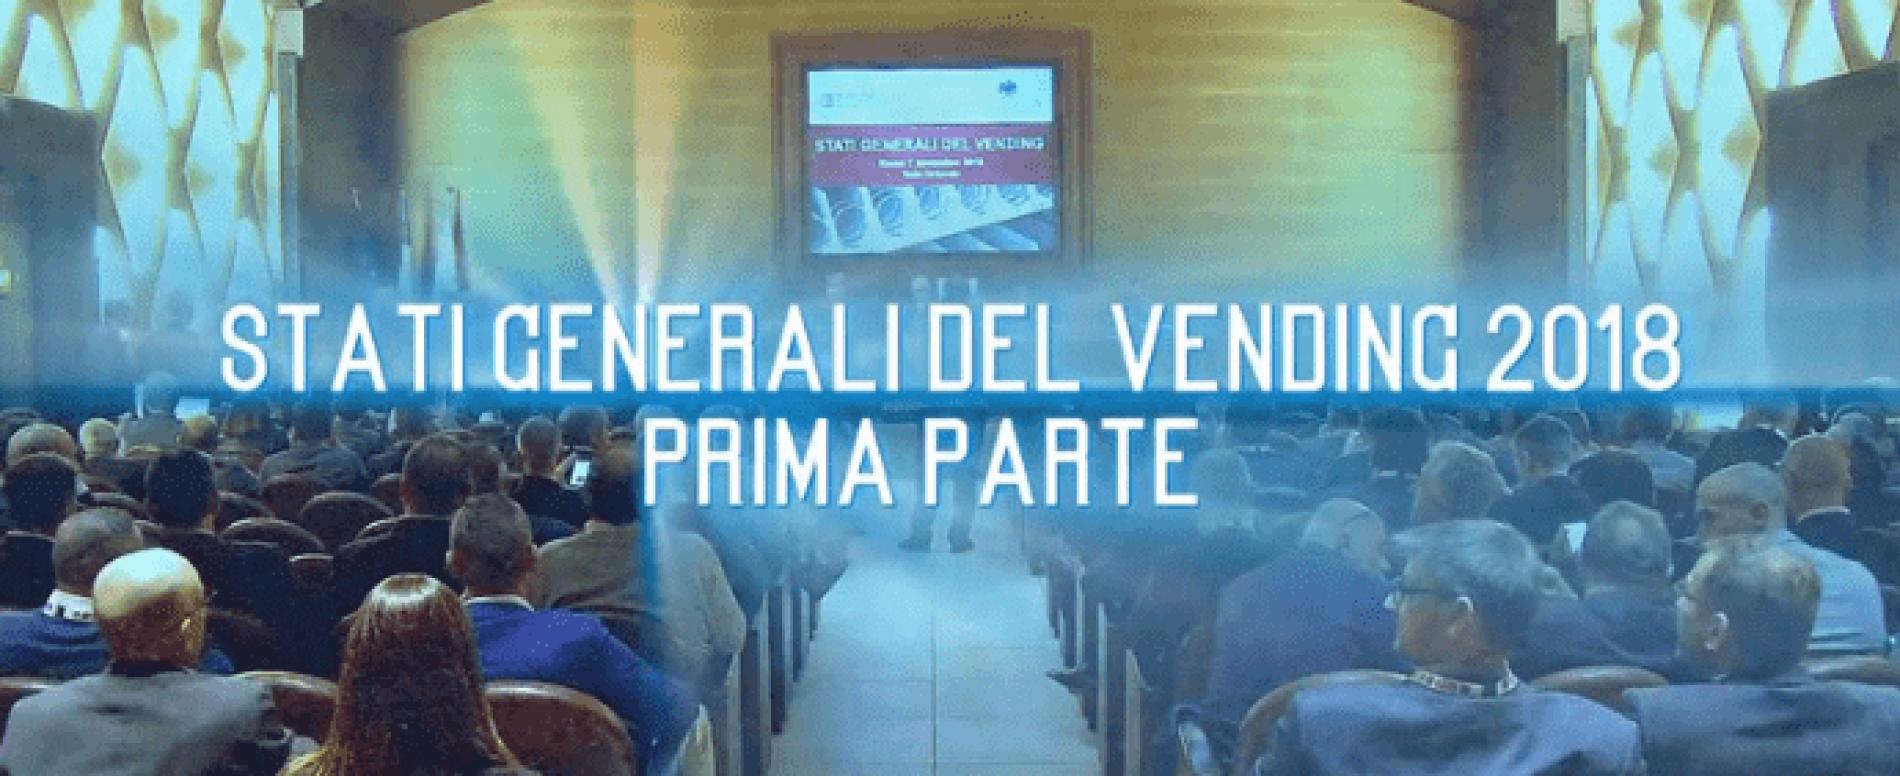 Vending TV. Stati Generali del Vending 2018. Prima parte